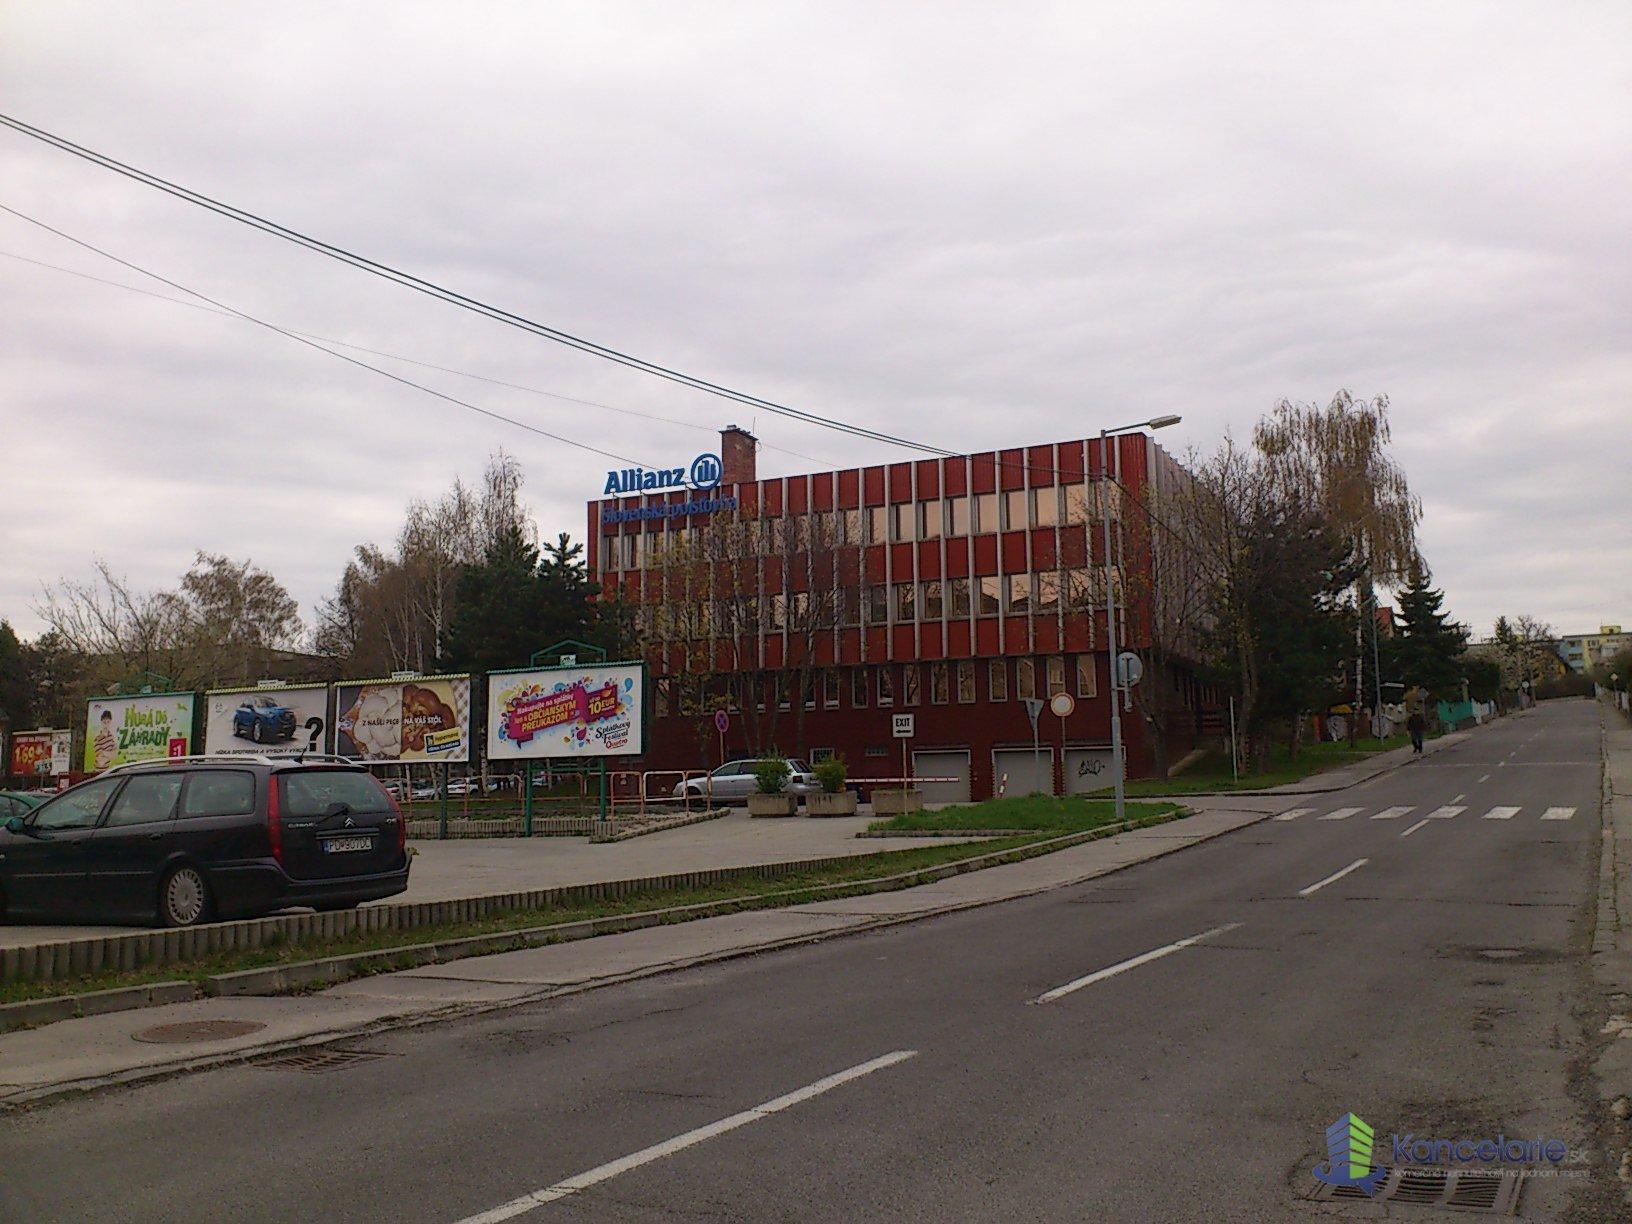 Allianz - Slovenská poisťovňa, a.s., Kancelária 101, Záhradnícka 24, Prievidza